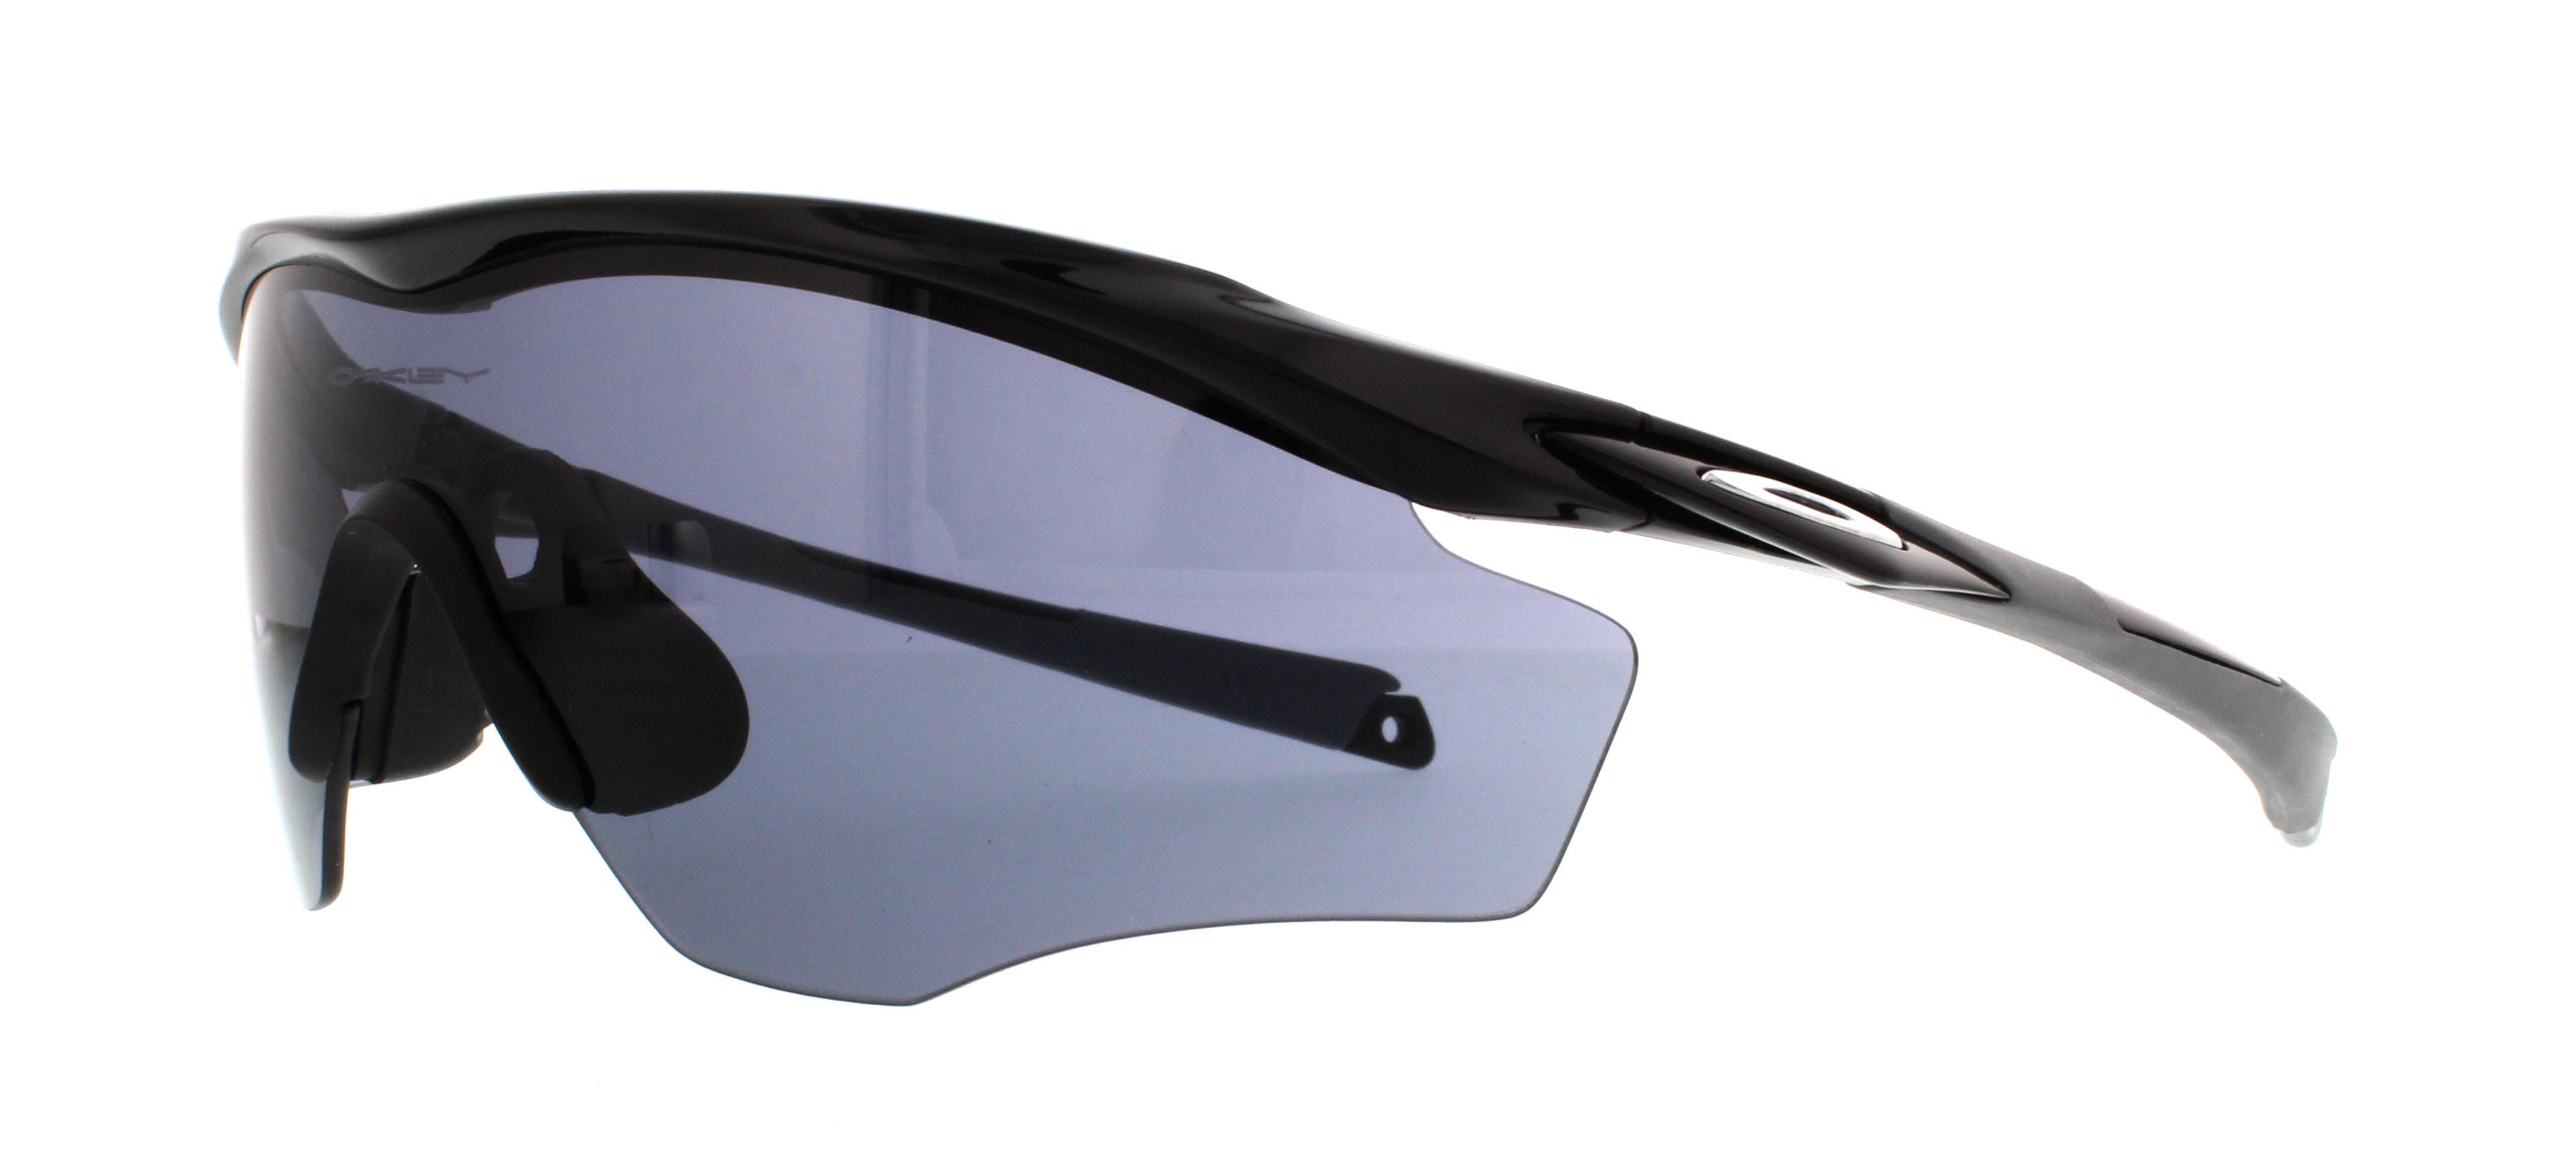 3aff3ee7a97 Designer Frames Outlet. Oakley M2 FRAME XL